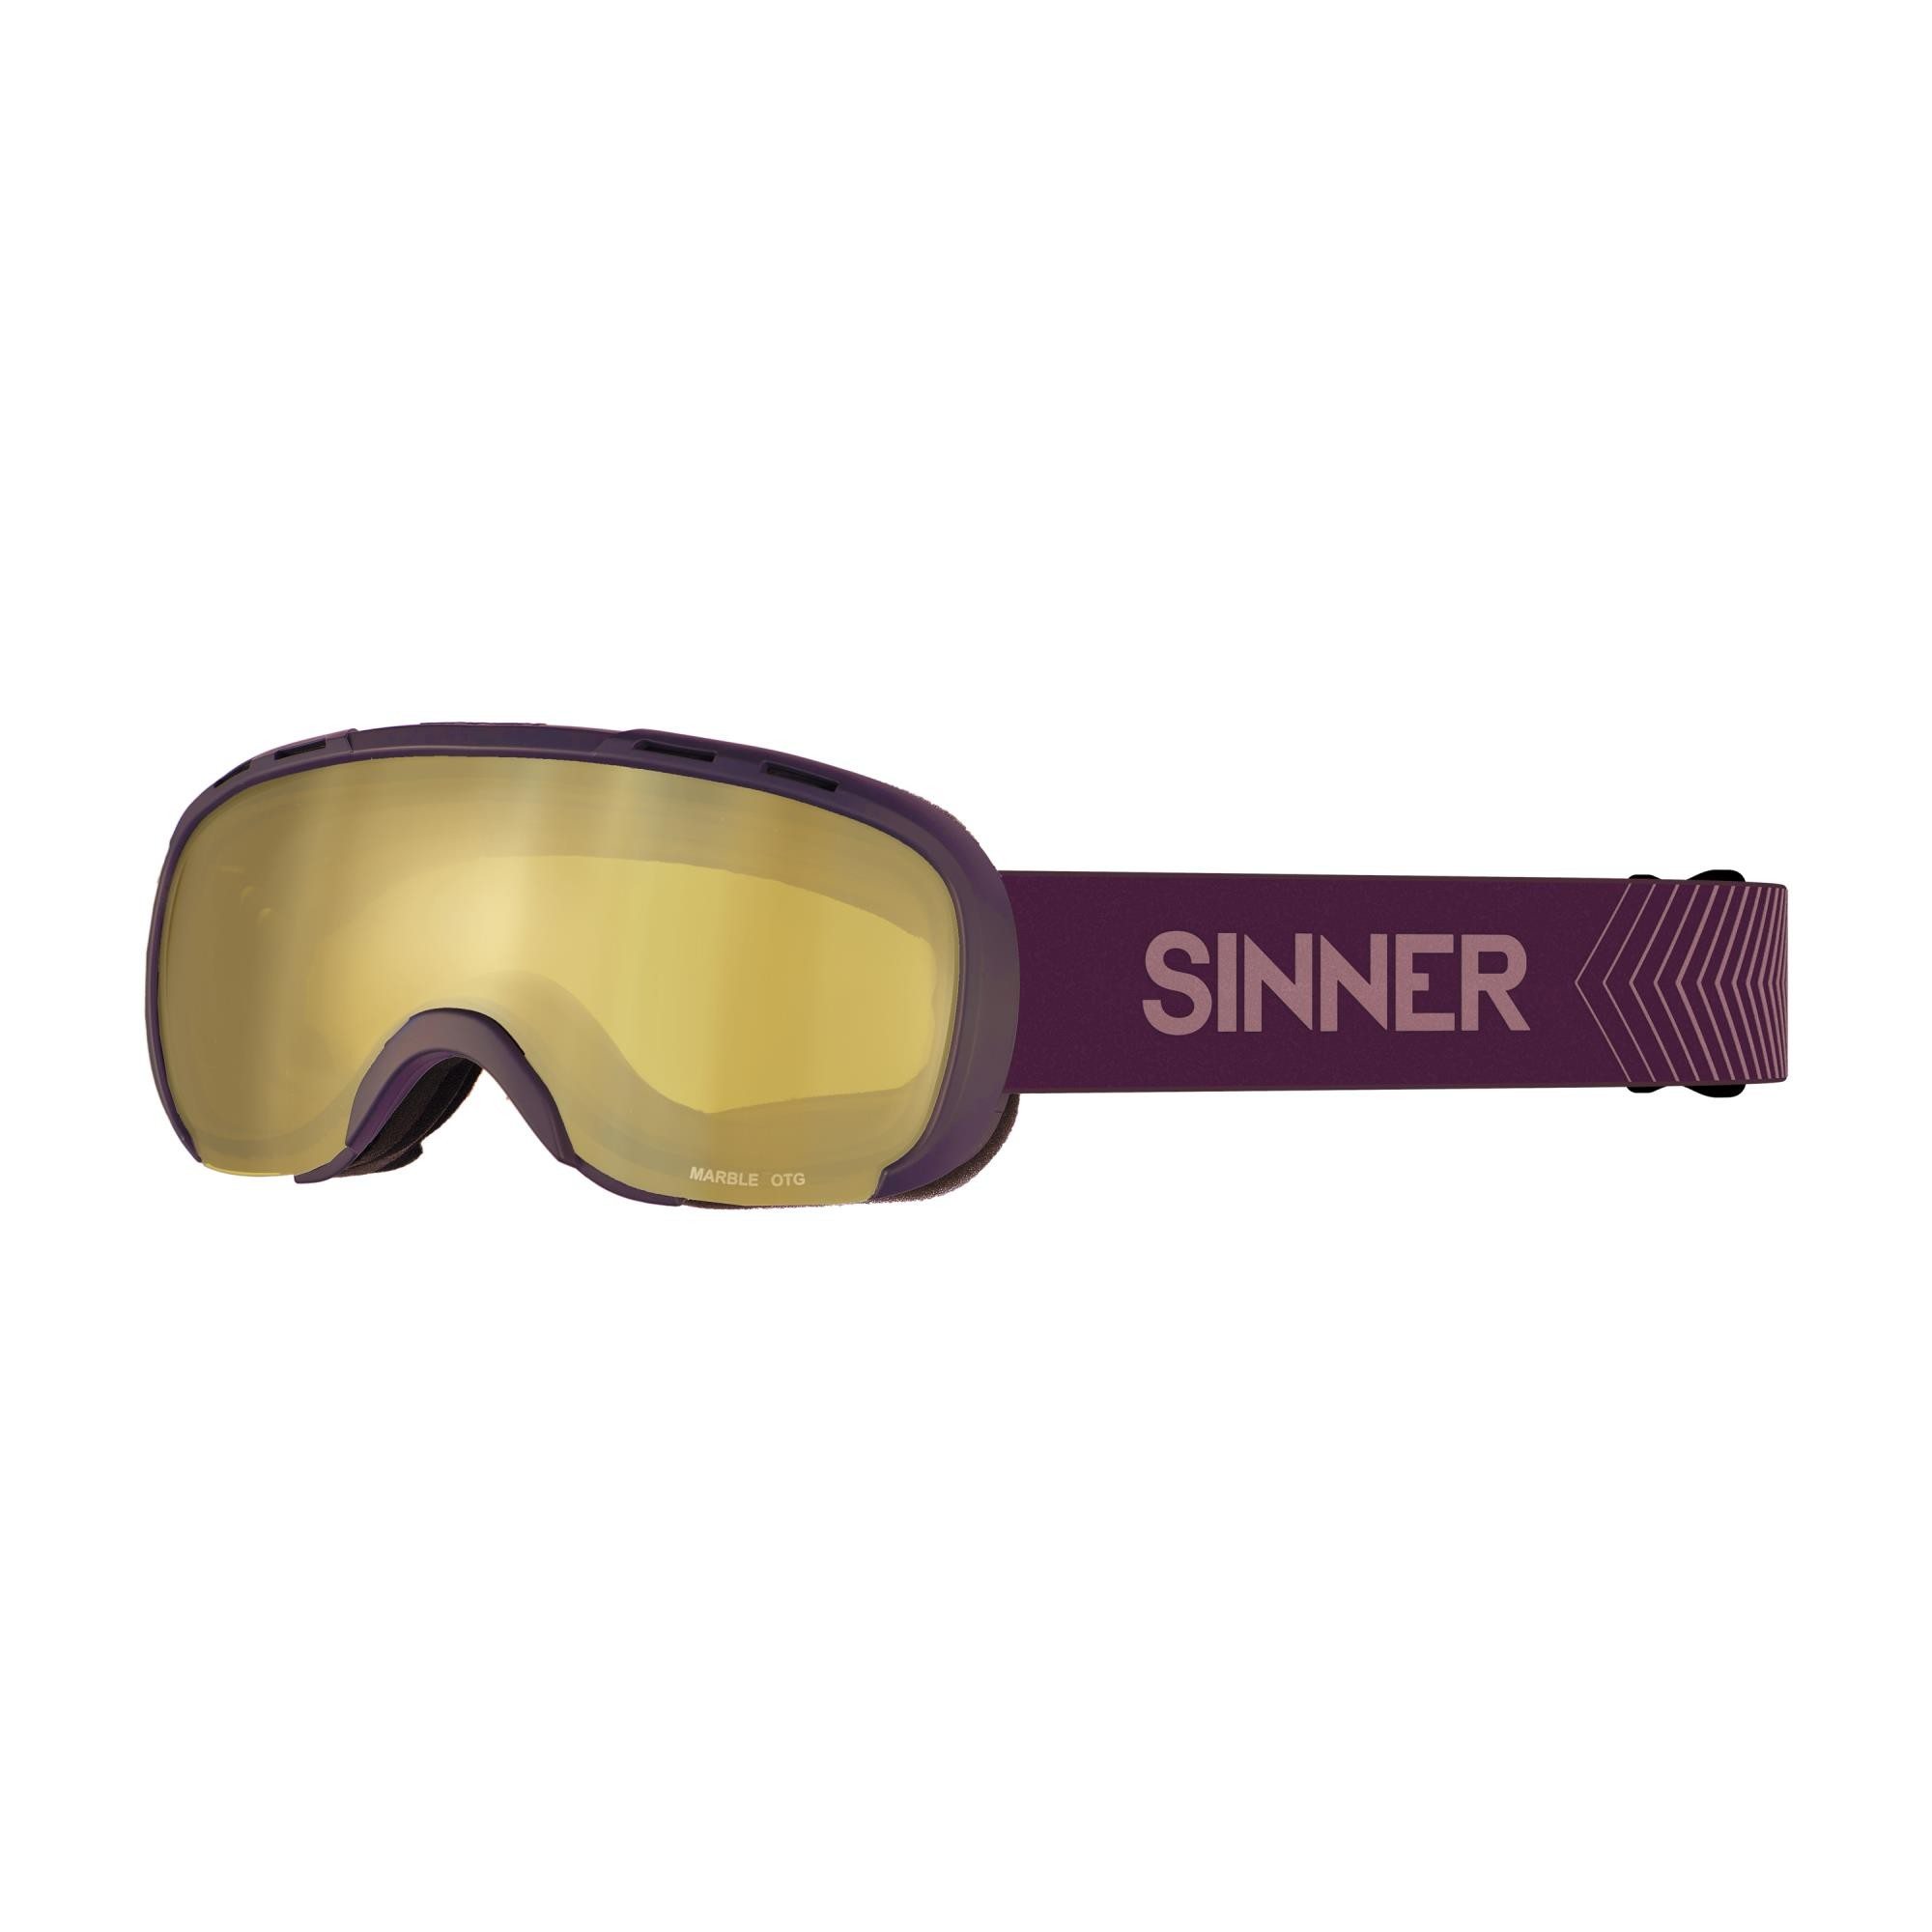 Sinner Marble Skibril Otg - Mat Paars - Goudkleurige Spiegellens